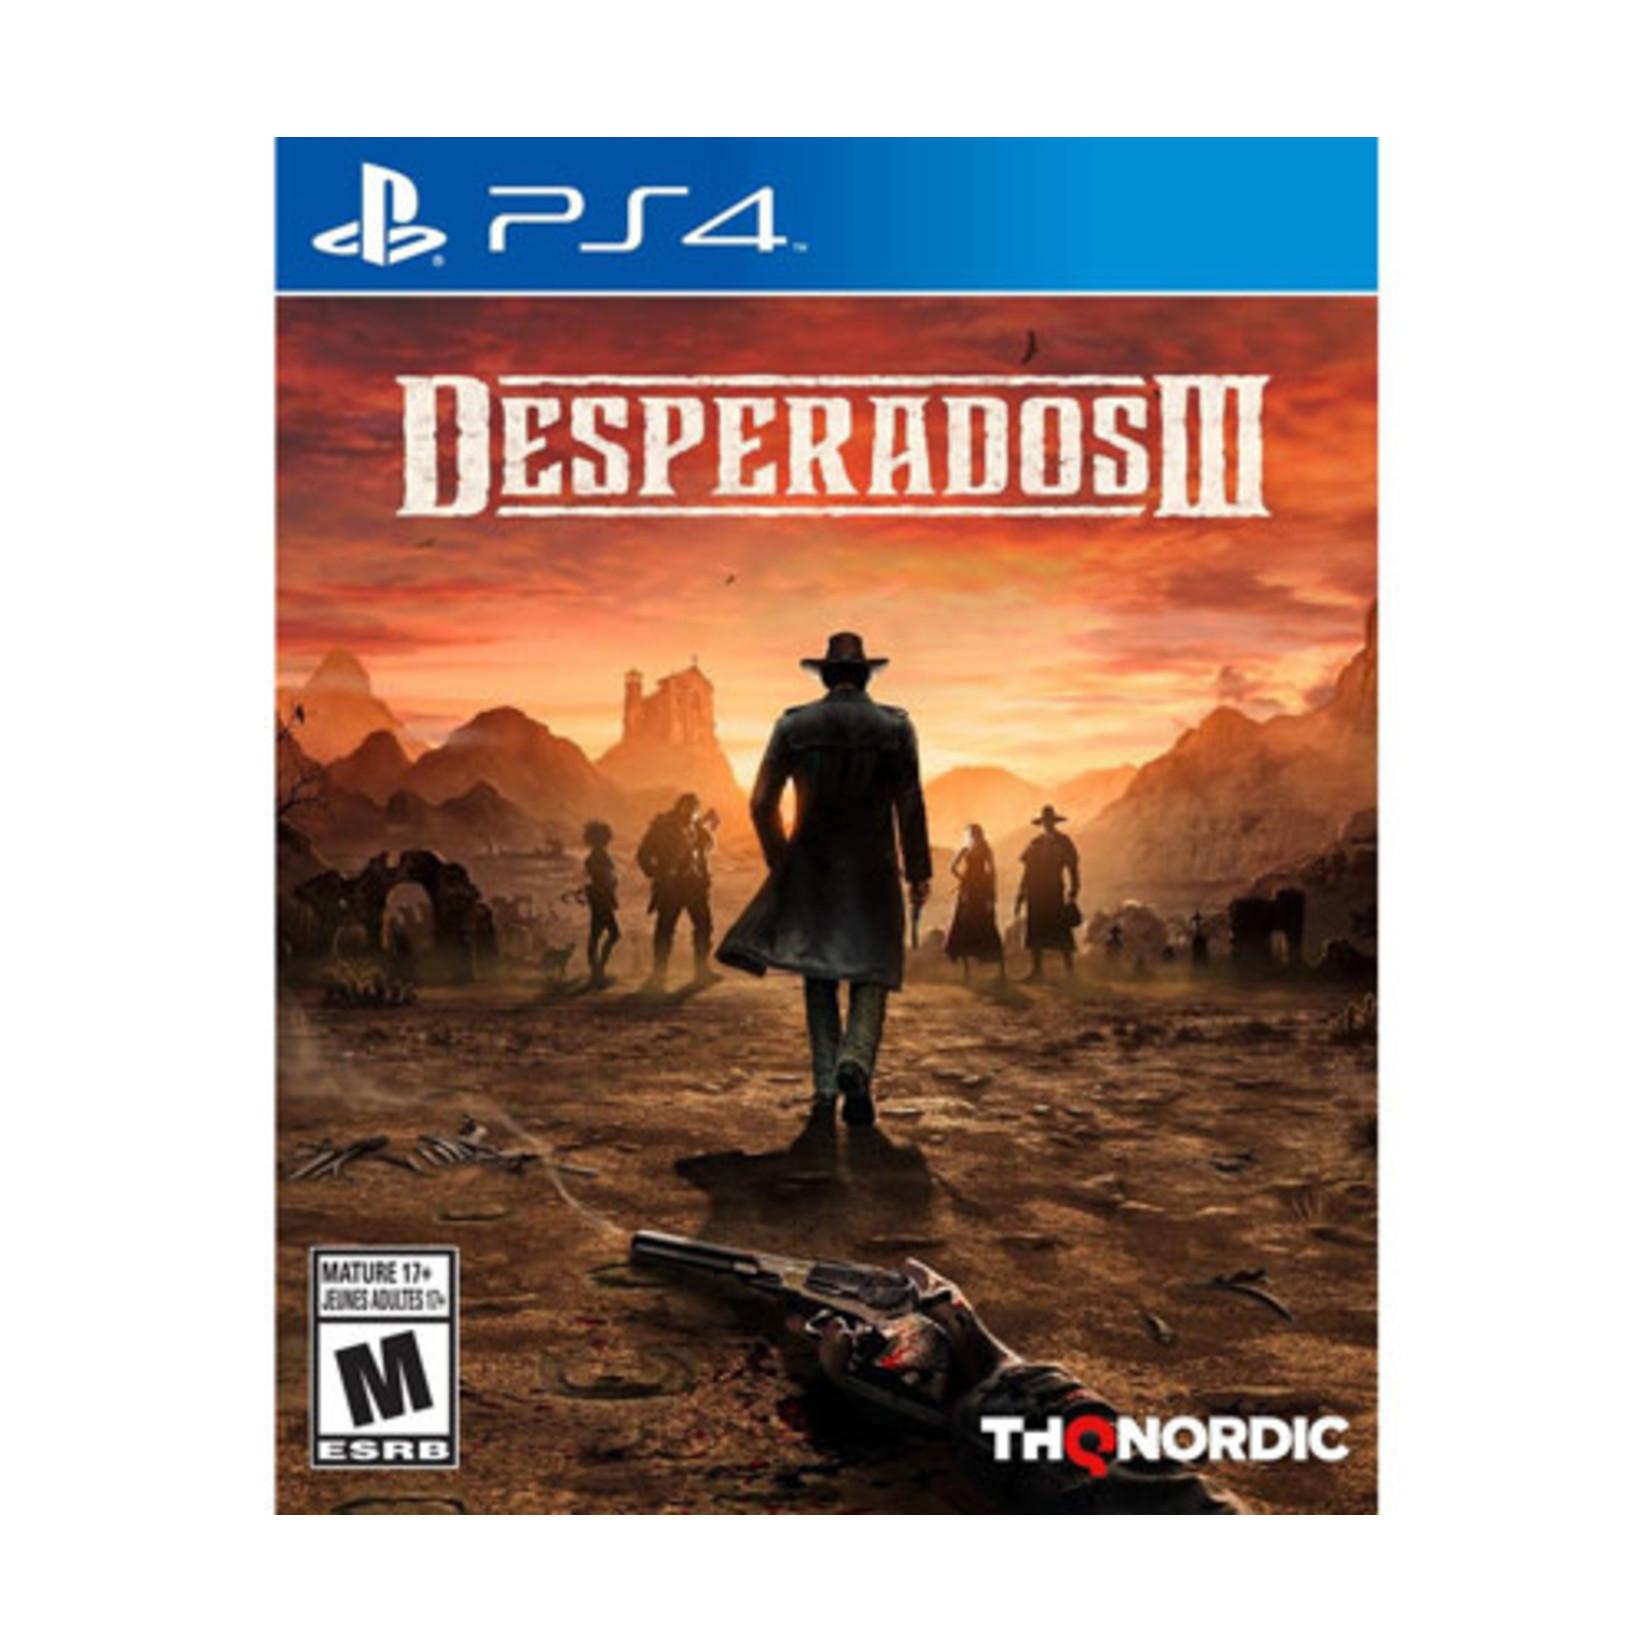 PS4-Desperados III